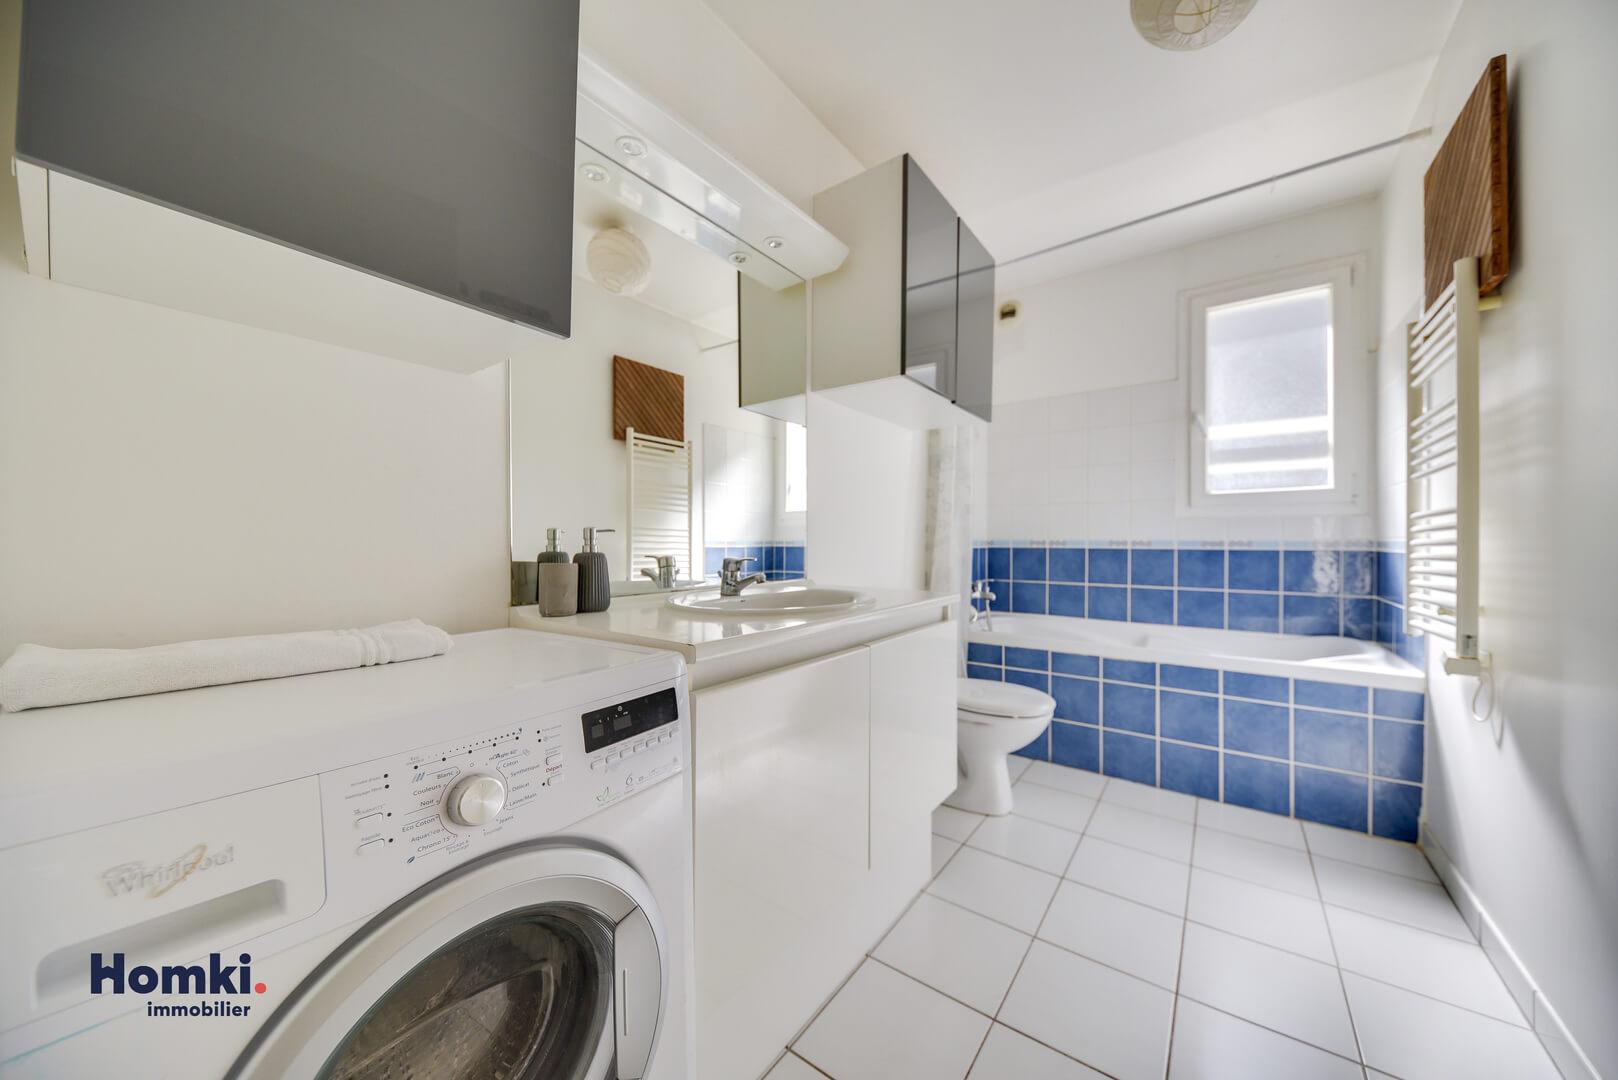 Homki - Vente appartement  de 102.0 m² à marseille 13002